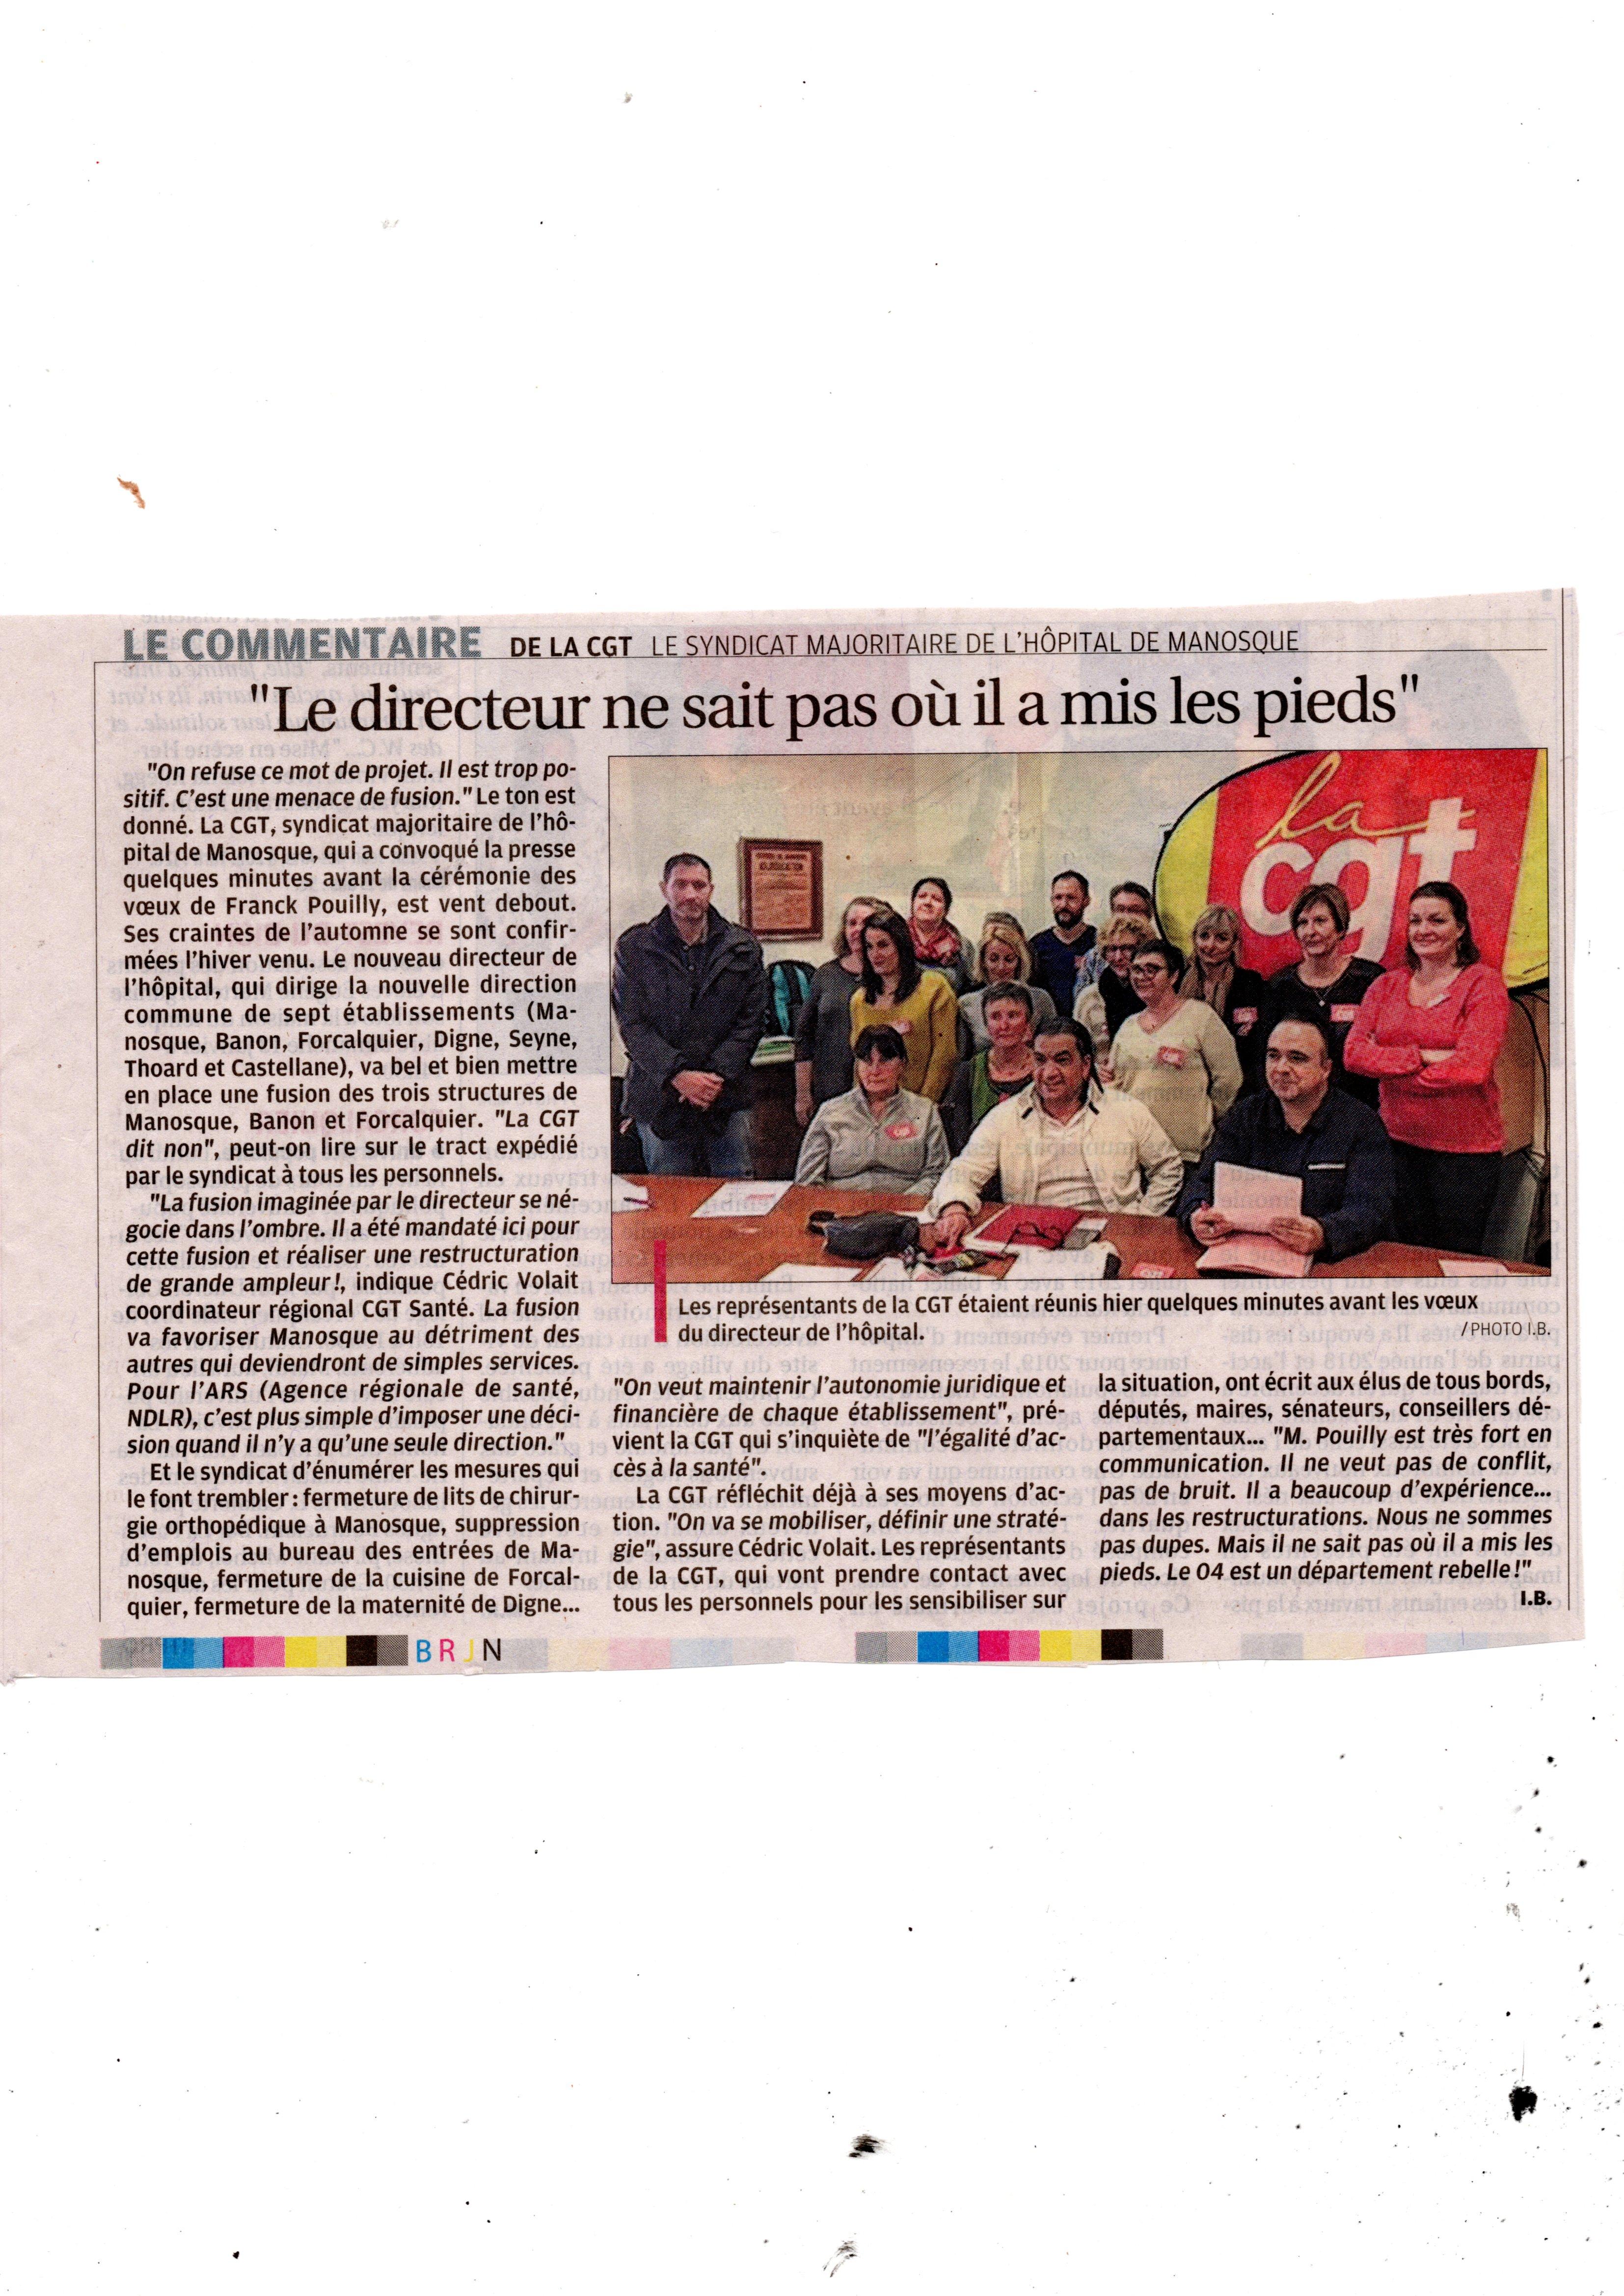 1046. Article la Provence 11 janvier 2019 (p2)